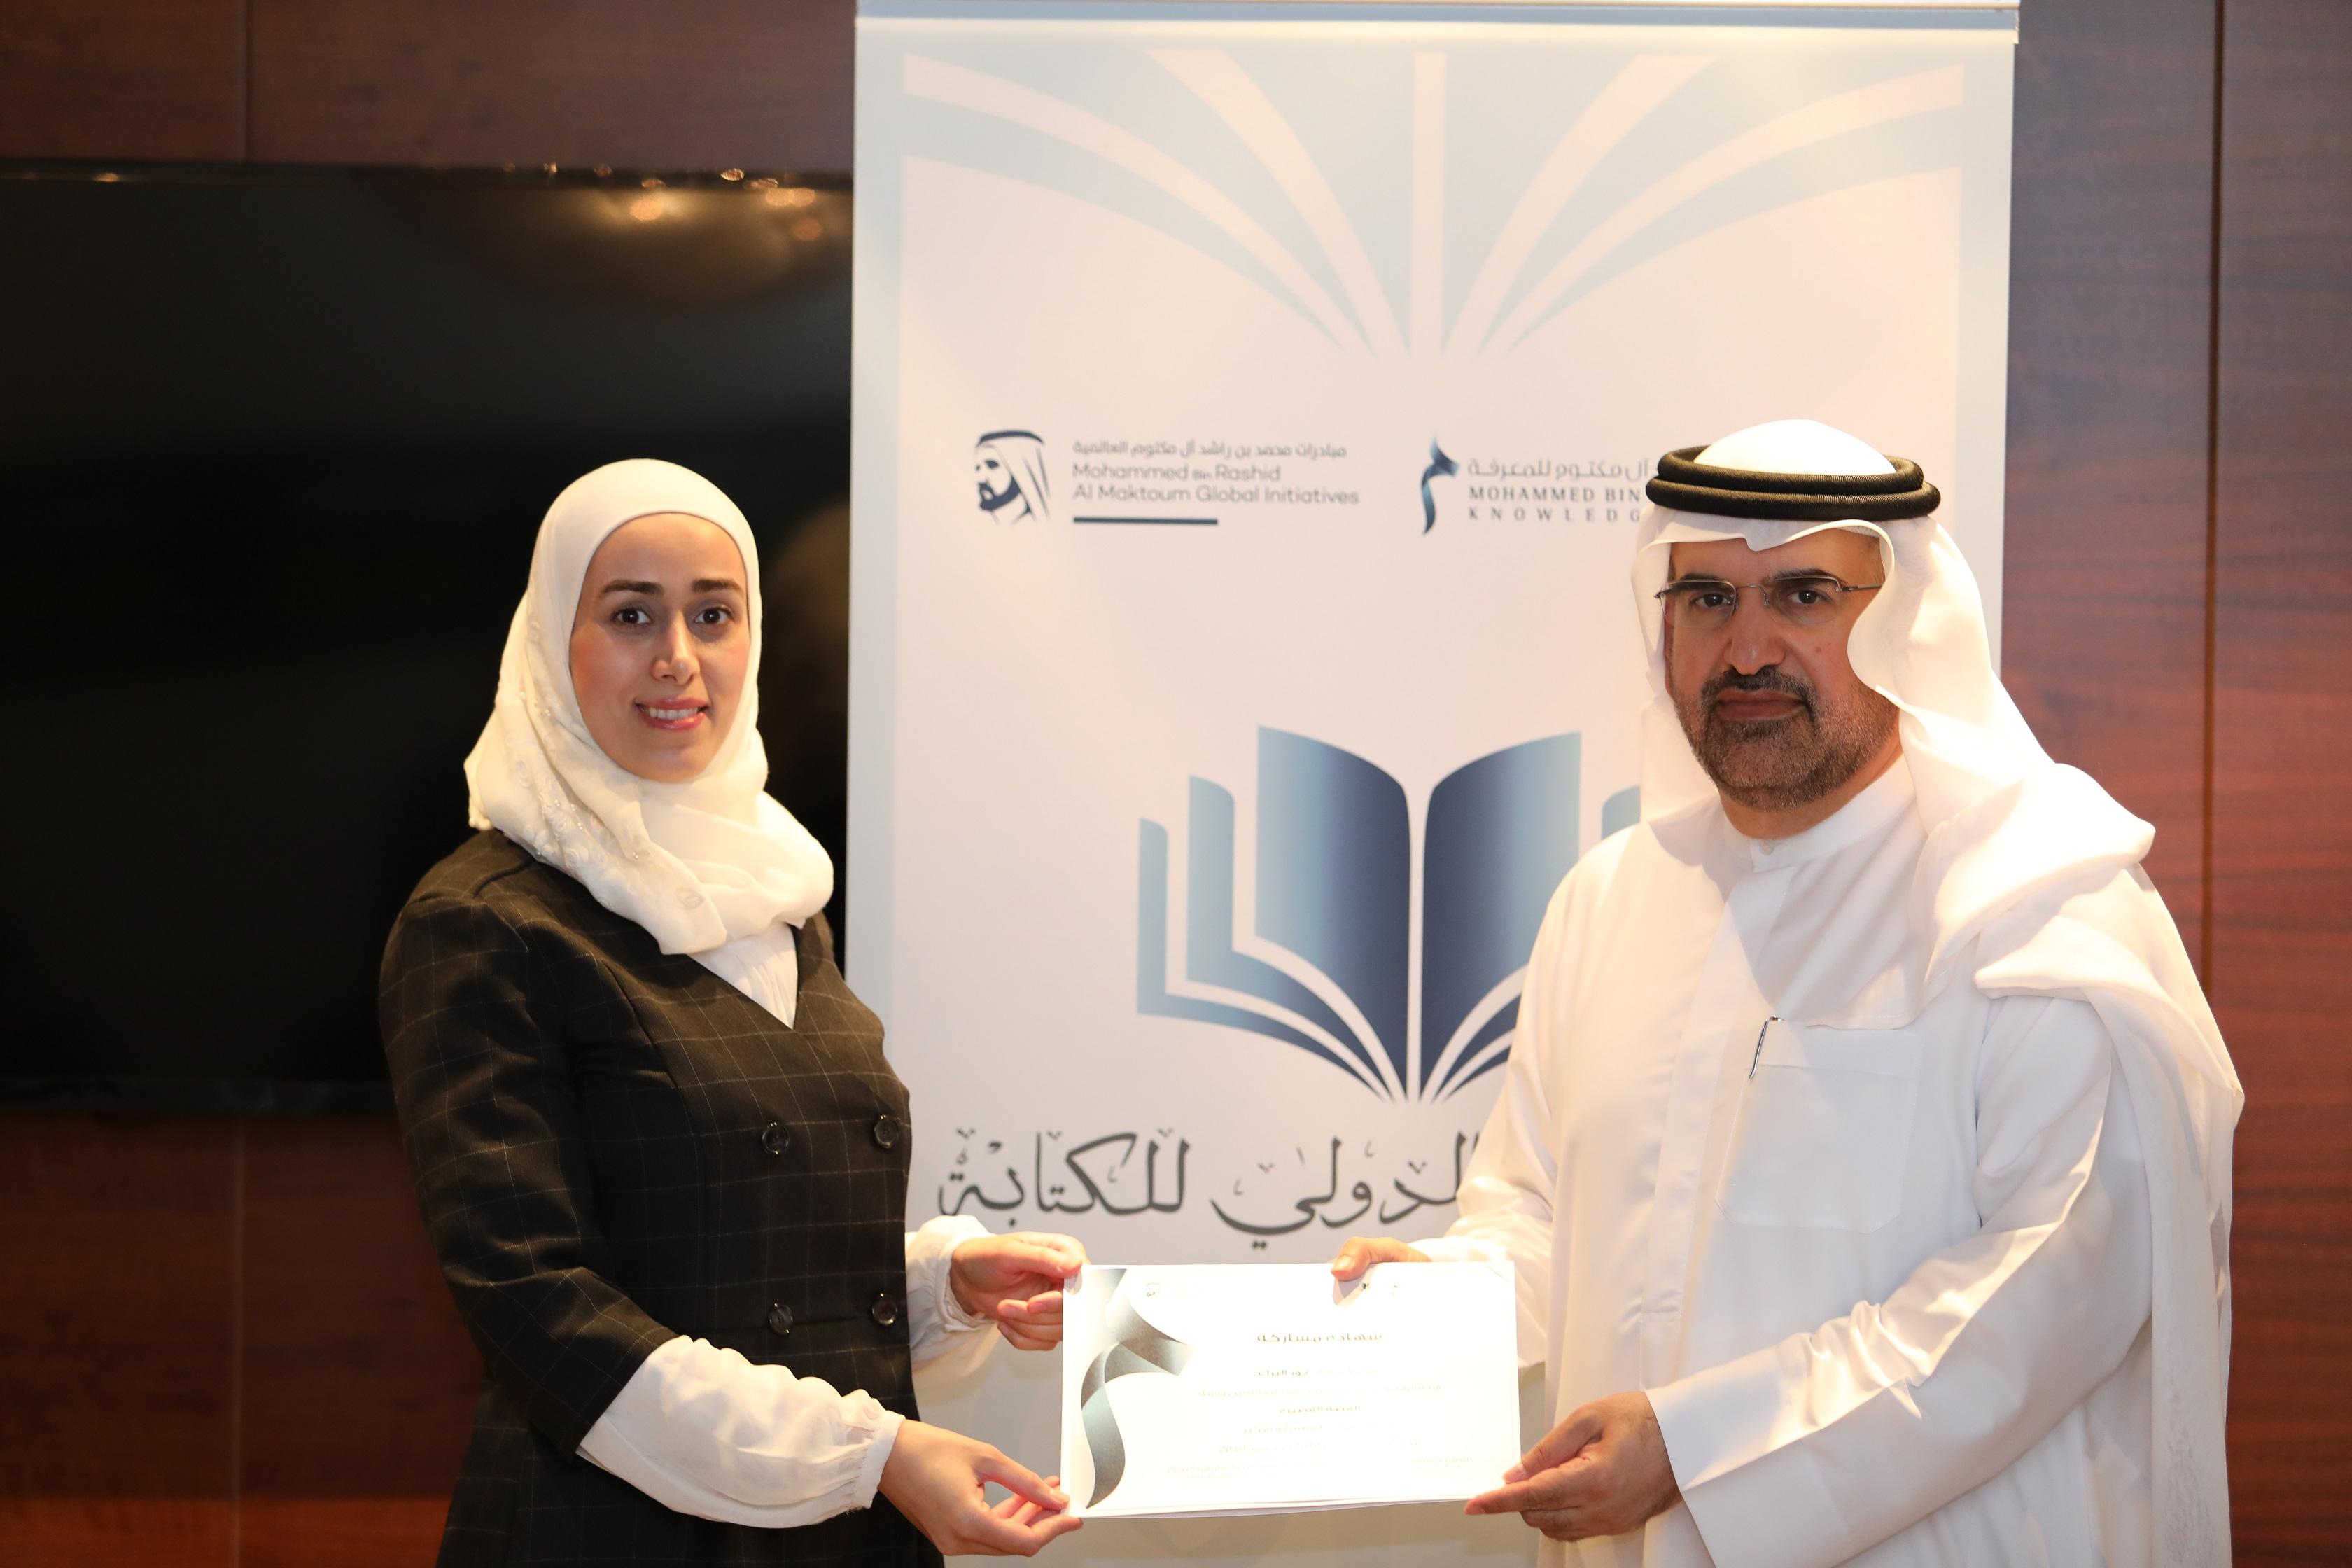 برنامج دبي الدولي للكتابة يختتم ورشتي الترجمة والقصة القصيرة